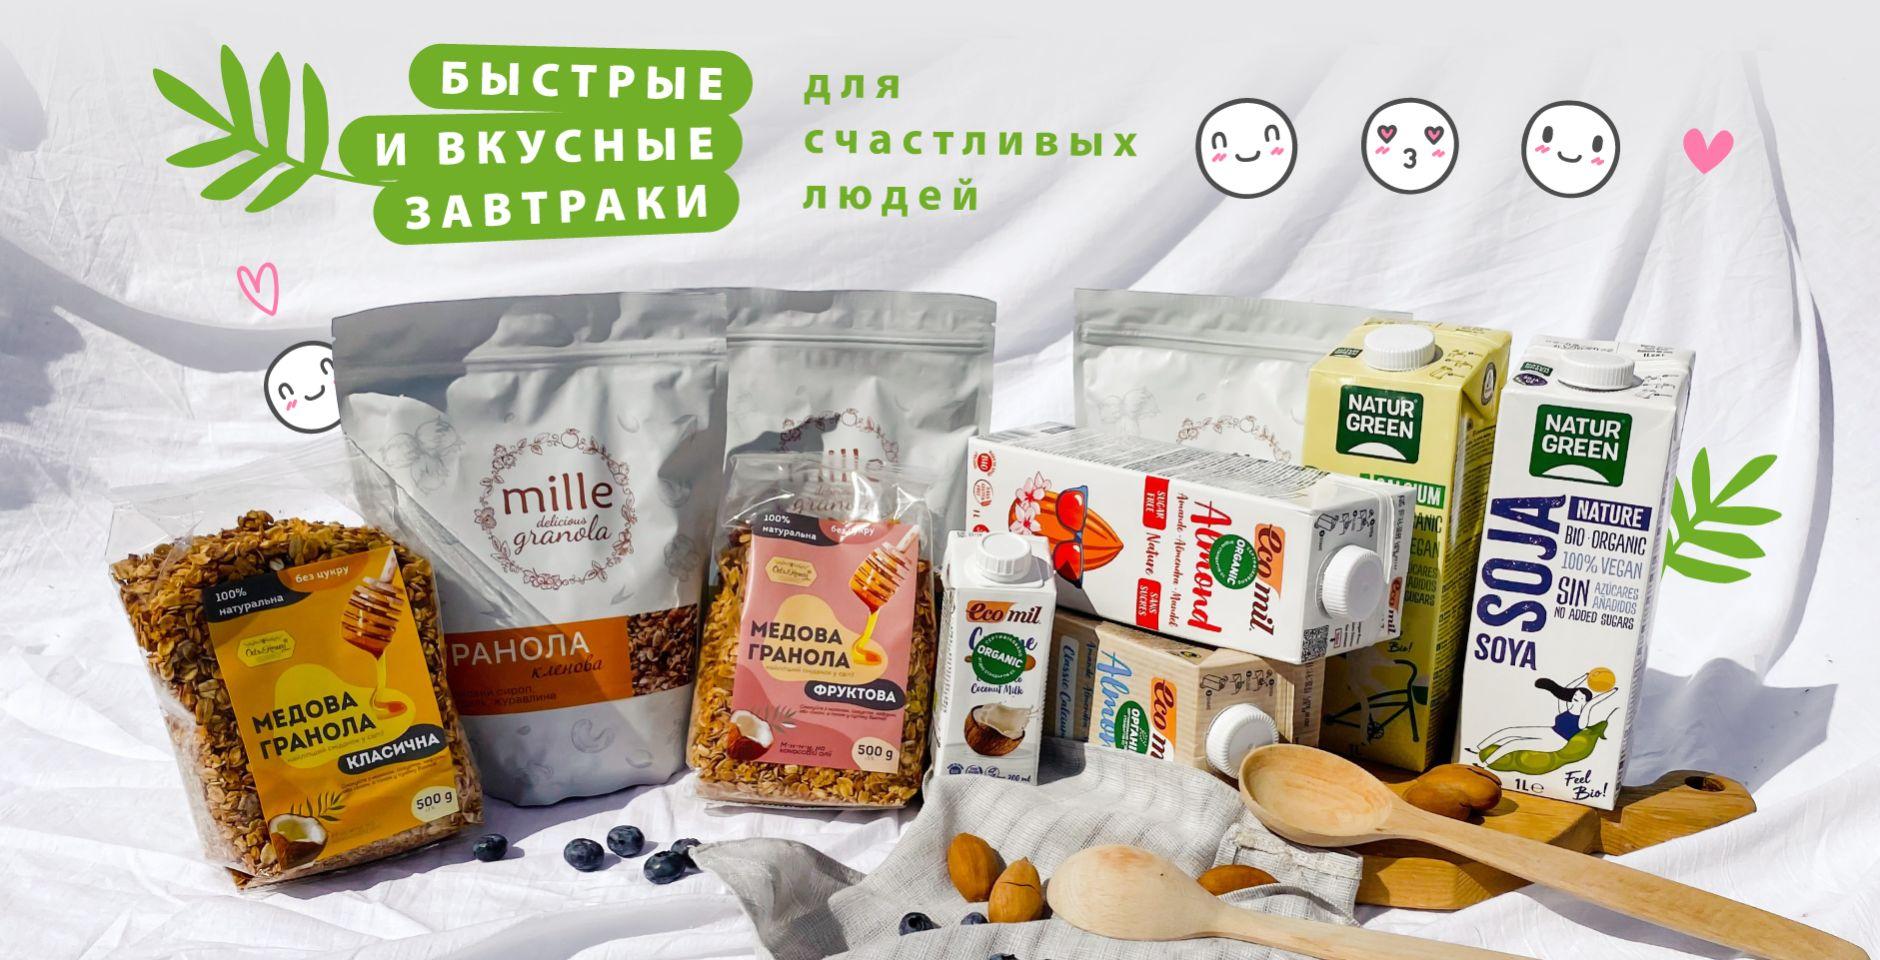 Быстрые и вкусные завтраки с FreshMart